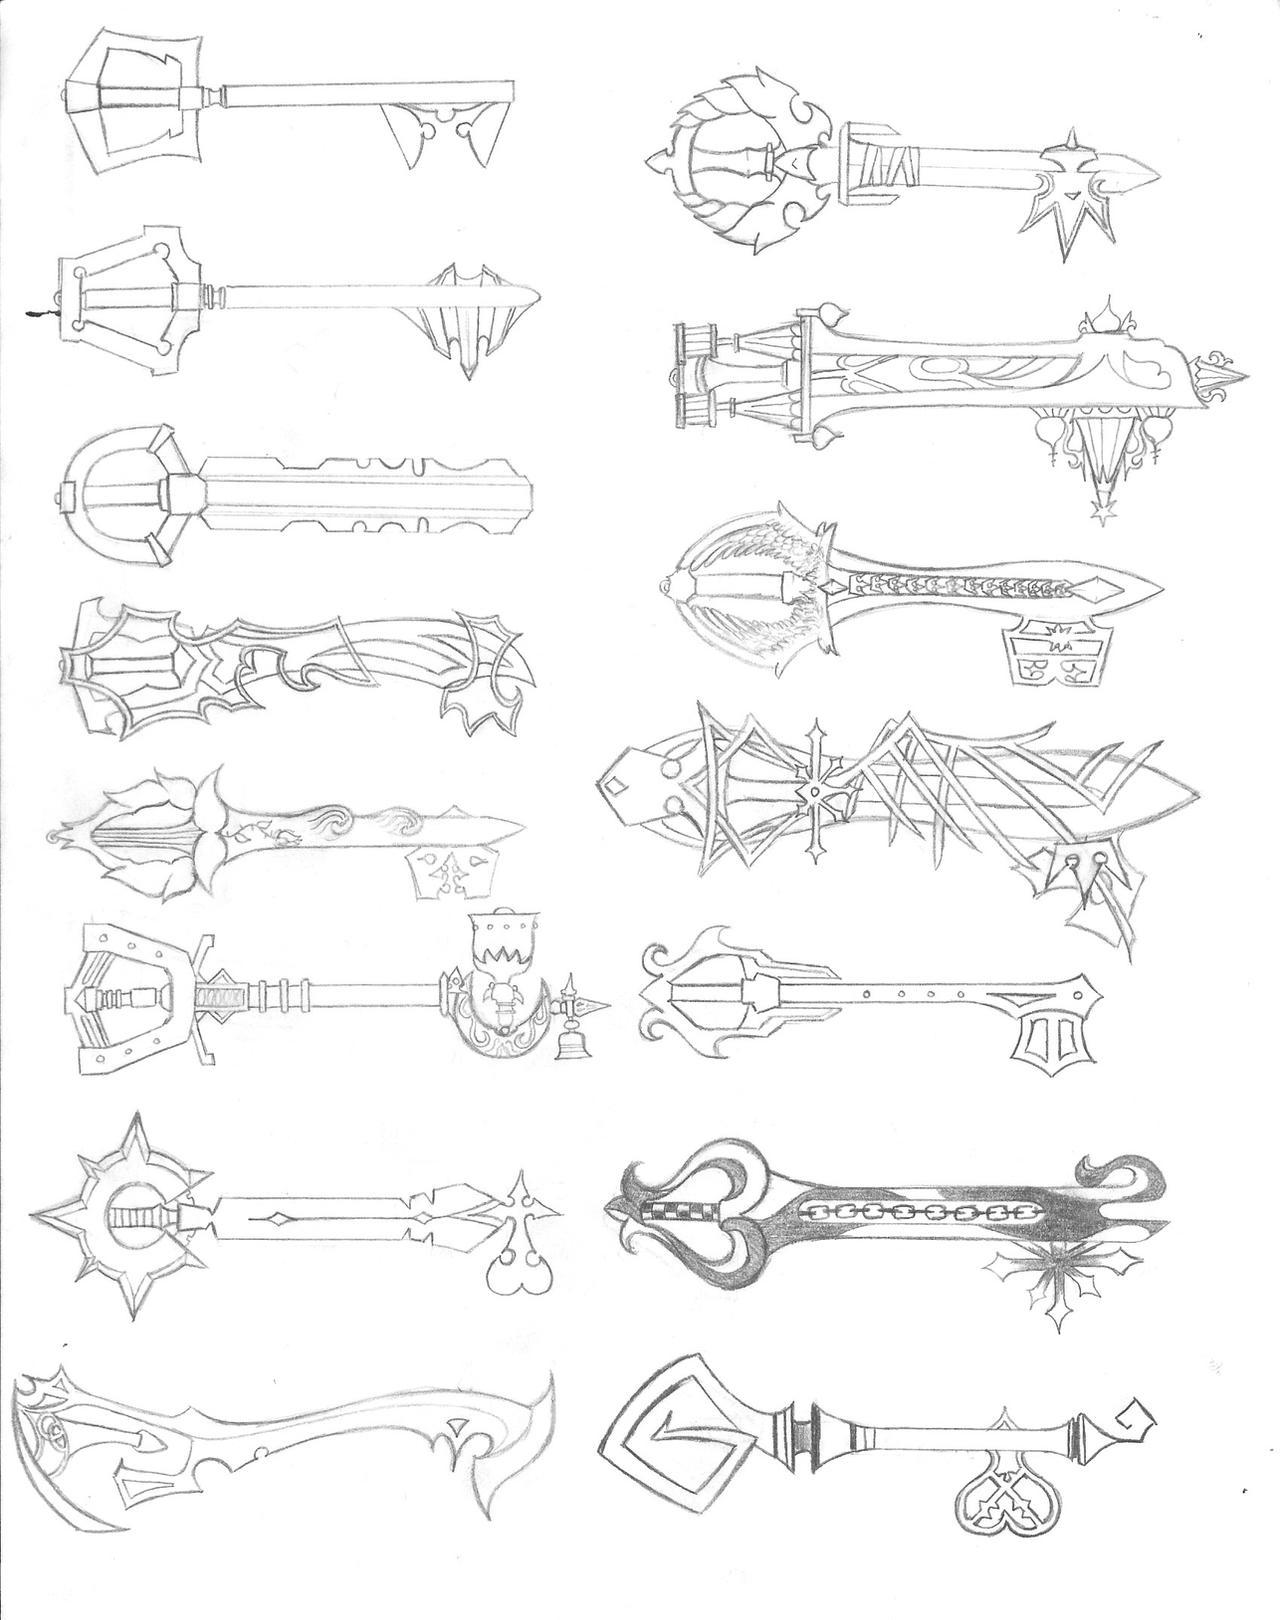 Keyblade Designs by LordKnightXiron on DeviantArt